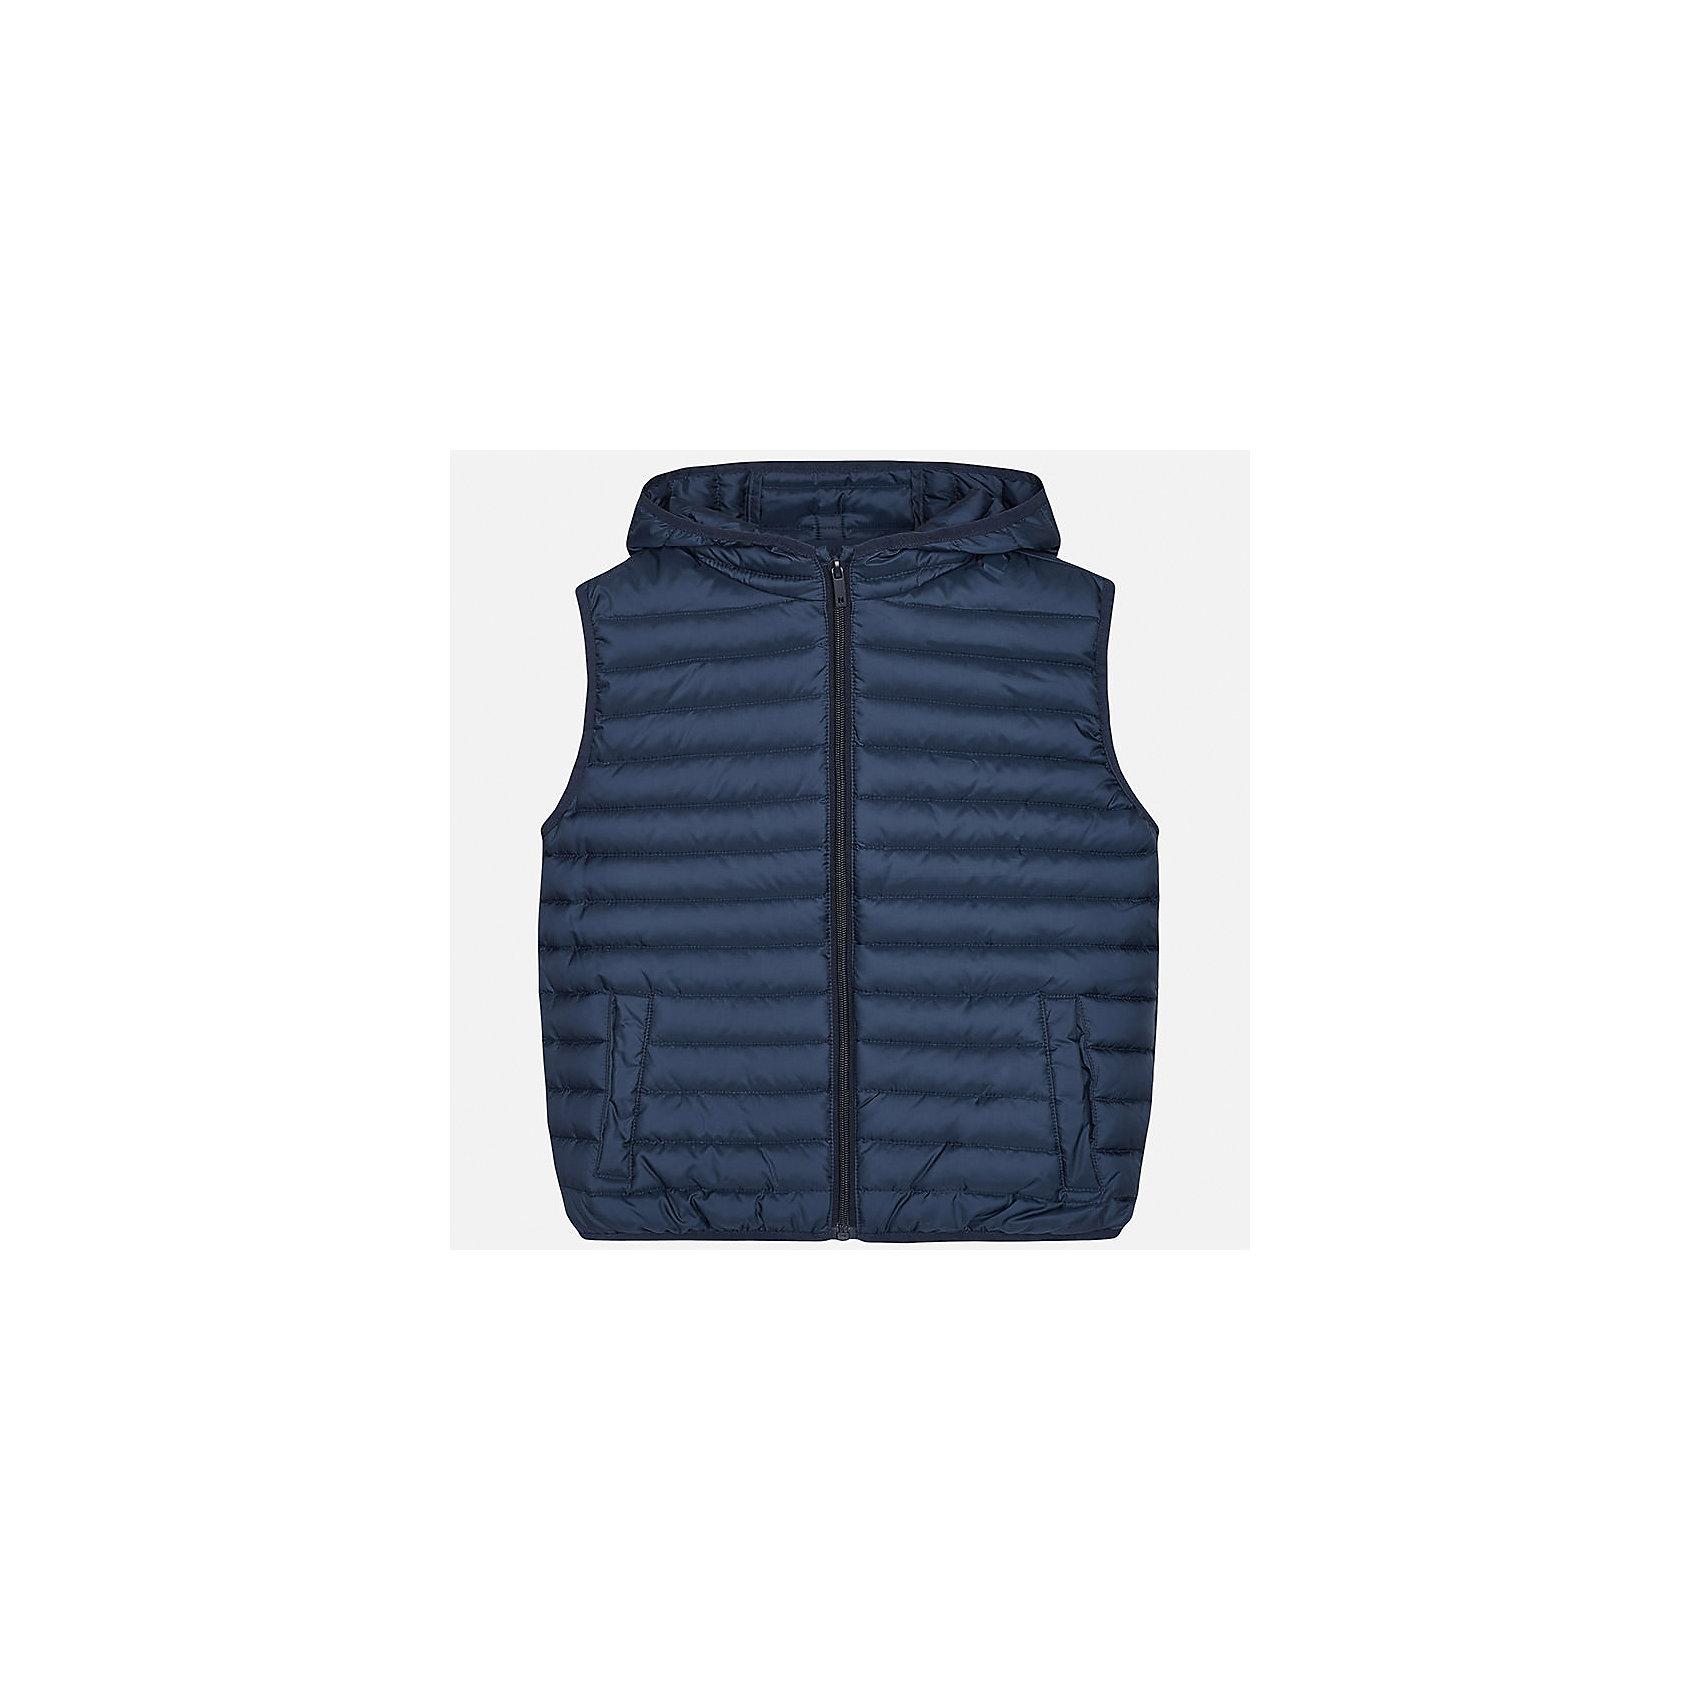 Жилет для мальчика MayoralВерхняя одежда<br>Характеристики товара:<br><br>• цвет: синий<br>• состав: 100% полиэстер<br>• температурный режим: от +15°до +10°С<br>• без рукавов<br>• карманы<br>• молния <br>• капюшон<br>• страна бренда: Испания<br><br>Стильный жилет для мальчика поможет разнообразить гардероб ребенка и обеспечить тепло. Он отлично сочетается и с джинсами, и с брюками. Универсальный цвет позволяет подобрать к вещи низ различных расцветок. Модное и практичное изделие.<br><br>Одежда, обувь и аксессуары от испанского бренда Mayoral полюбились детям и взрослым по всему миру. Модели этой марки - стильные и удобные. Для их производства используются только безопасные, качественные материалы и фурнитура. Порадуйте ребенка модными и красивыми вещами от Mayoral! <br><br>Жилет для мальчика от испанского бренда Mayoral (Майорал) можно купить в нашем интернет-магазине.<br><br>Ширина мм: 190<br>Глубина мм: 74<br>Высота мм: 229<br>Вес г: 236<br>Цвет: синий<br>Возраст от месяцев: 144<br>Возраст до месяцев: 156<br>Пол: Мужской<br>Возраст: Детский<br>Размер: 164,170,158,152,140,128/134<br>SKU: 5281881